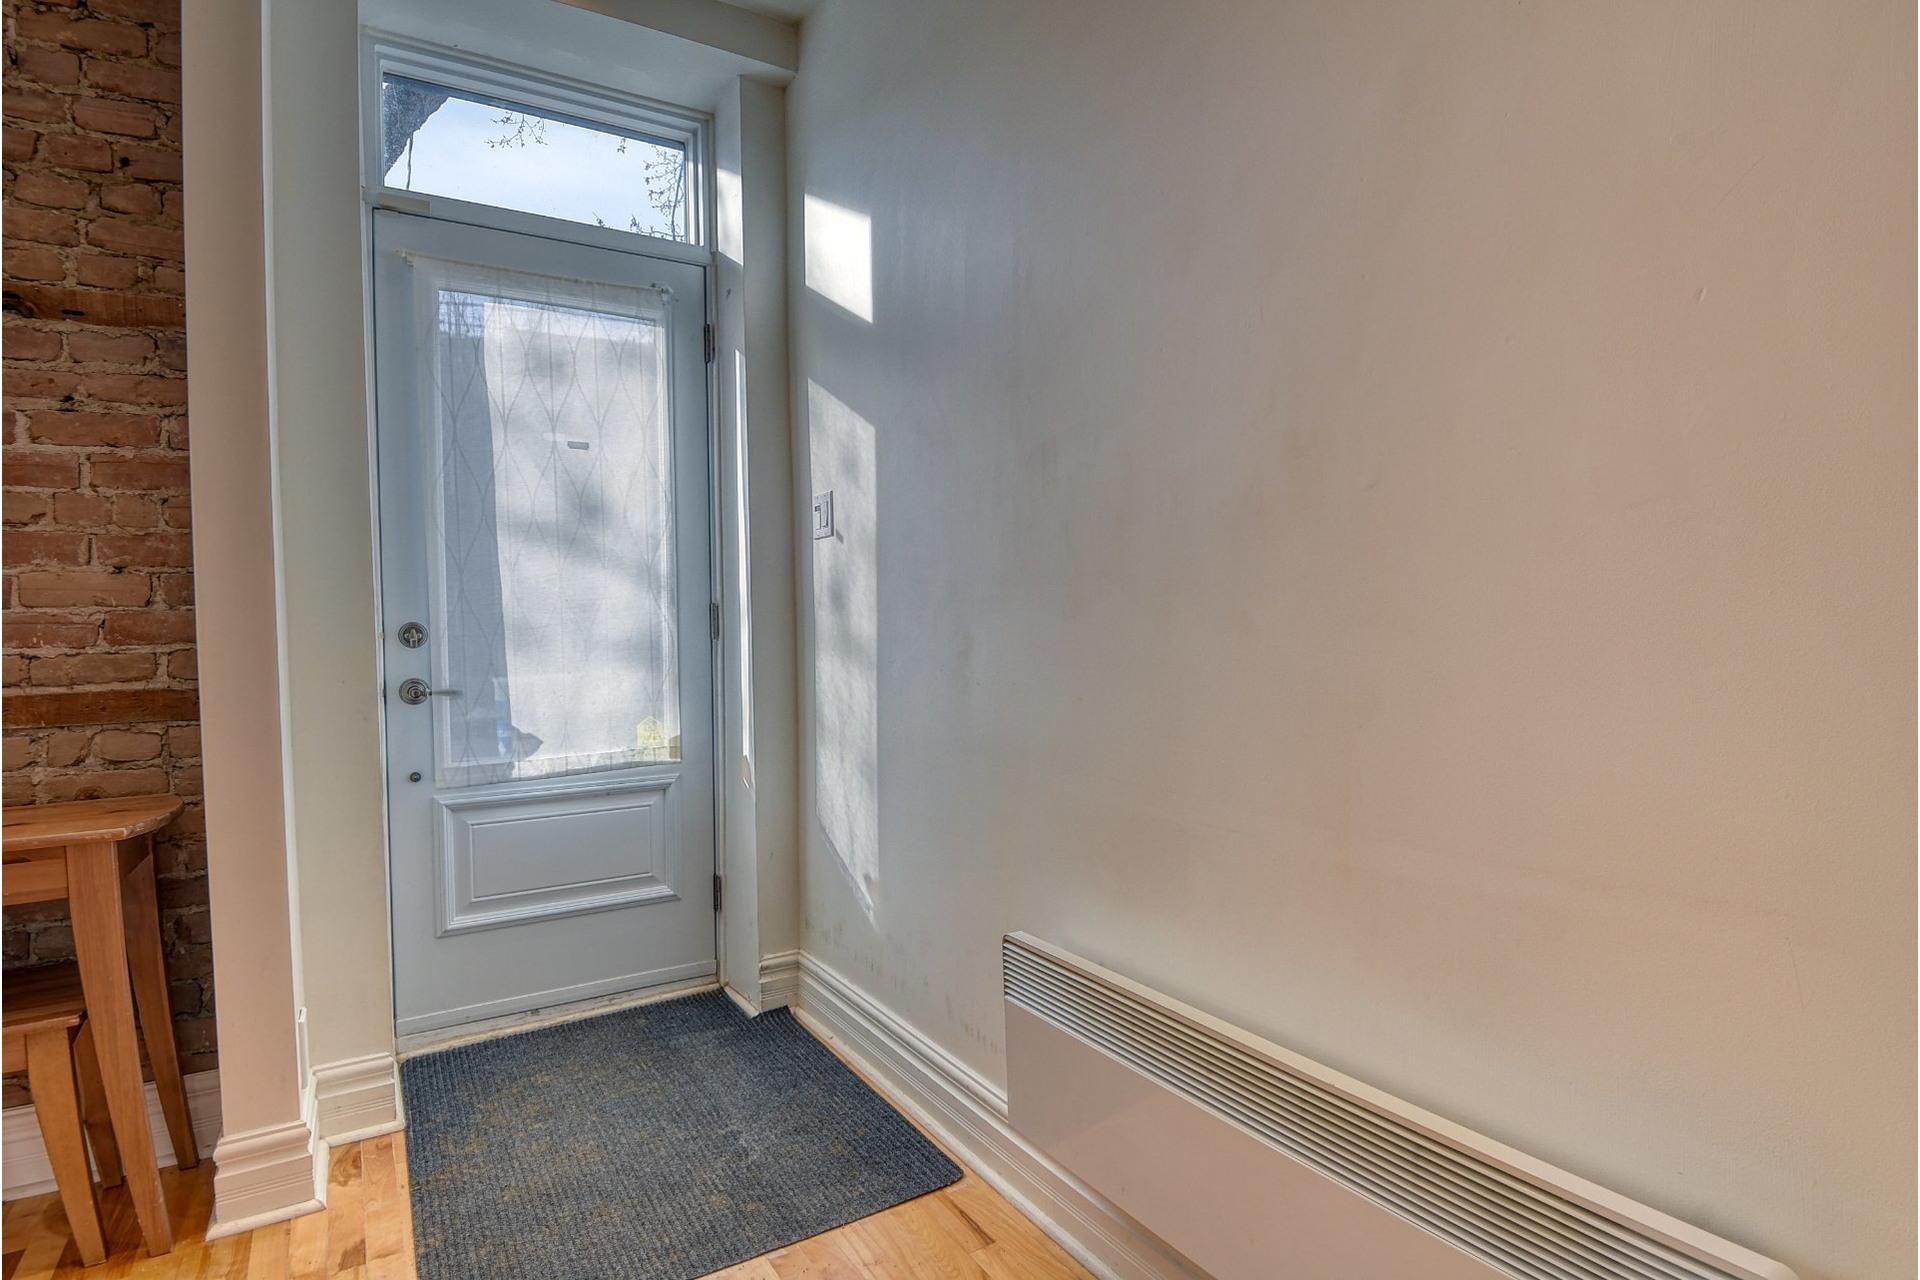 image 1 - Duplex For sale Le Sud-Ouest Montréal  - 5 rooms